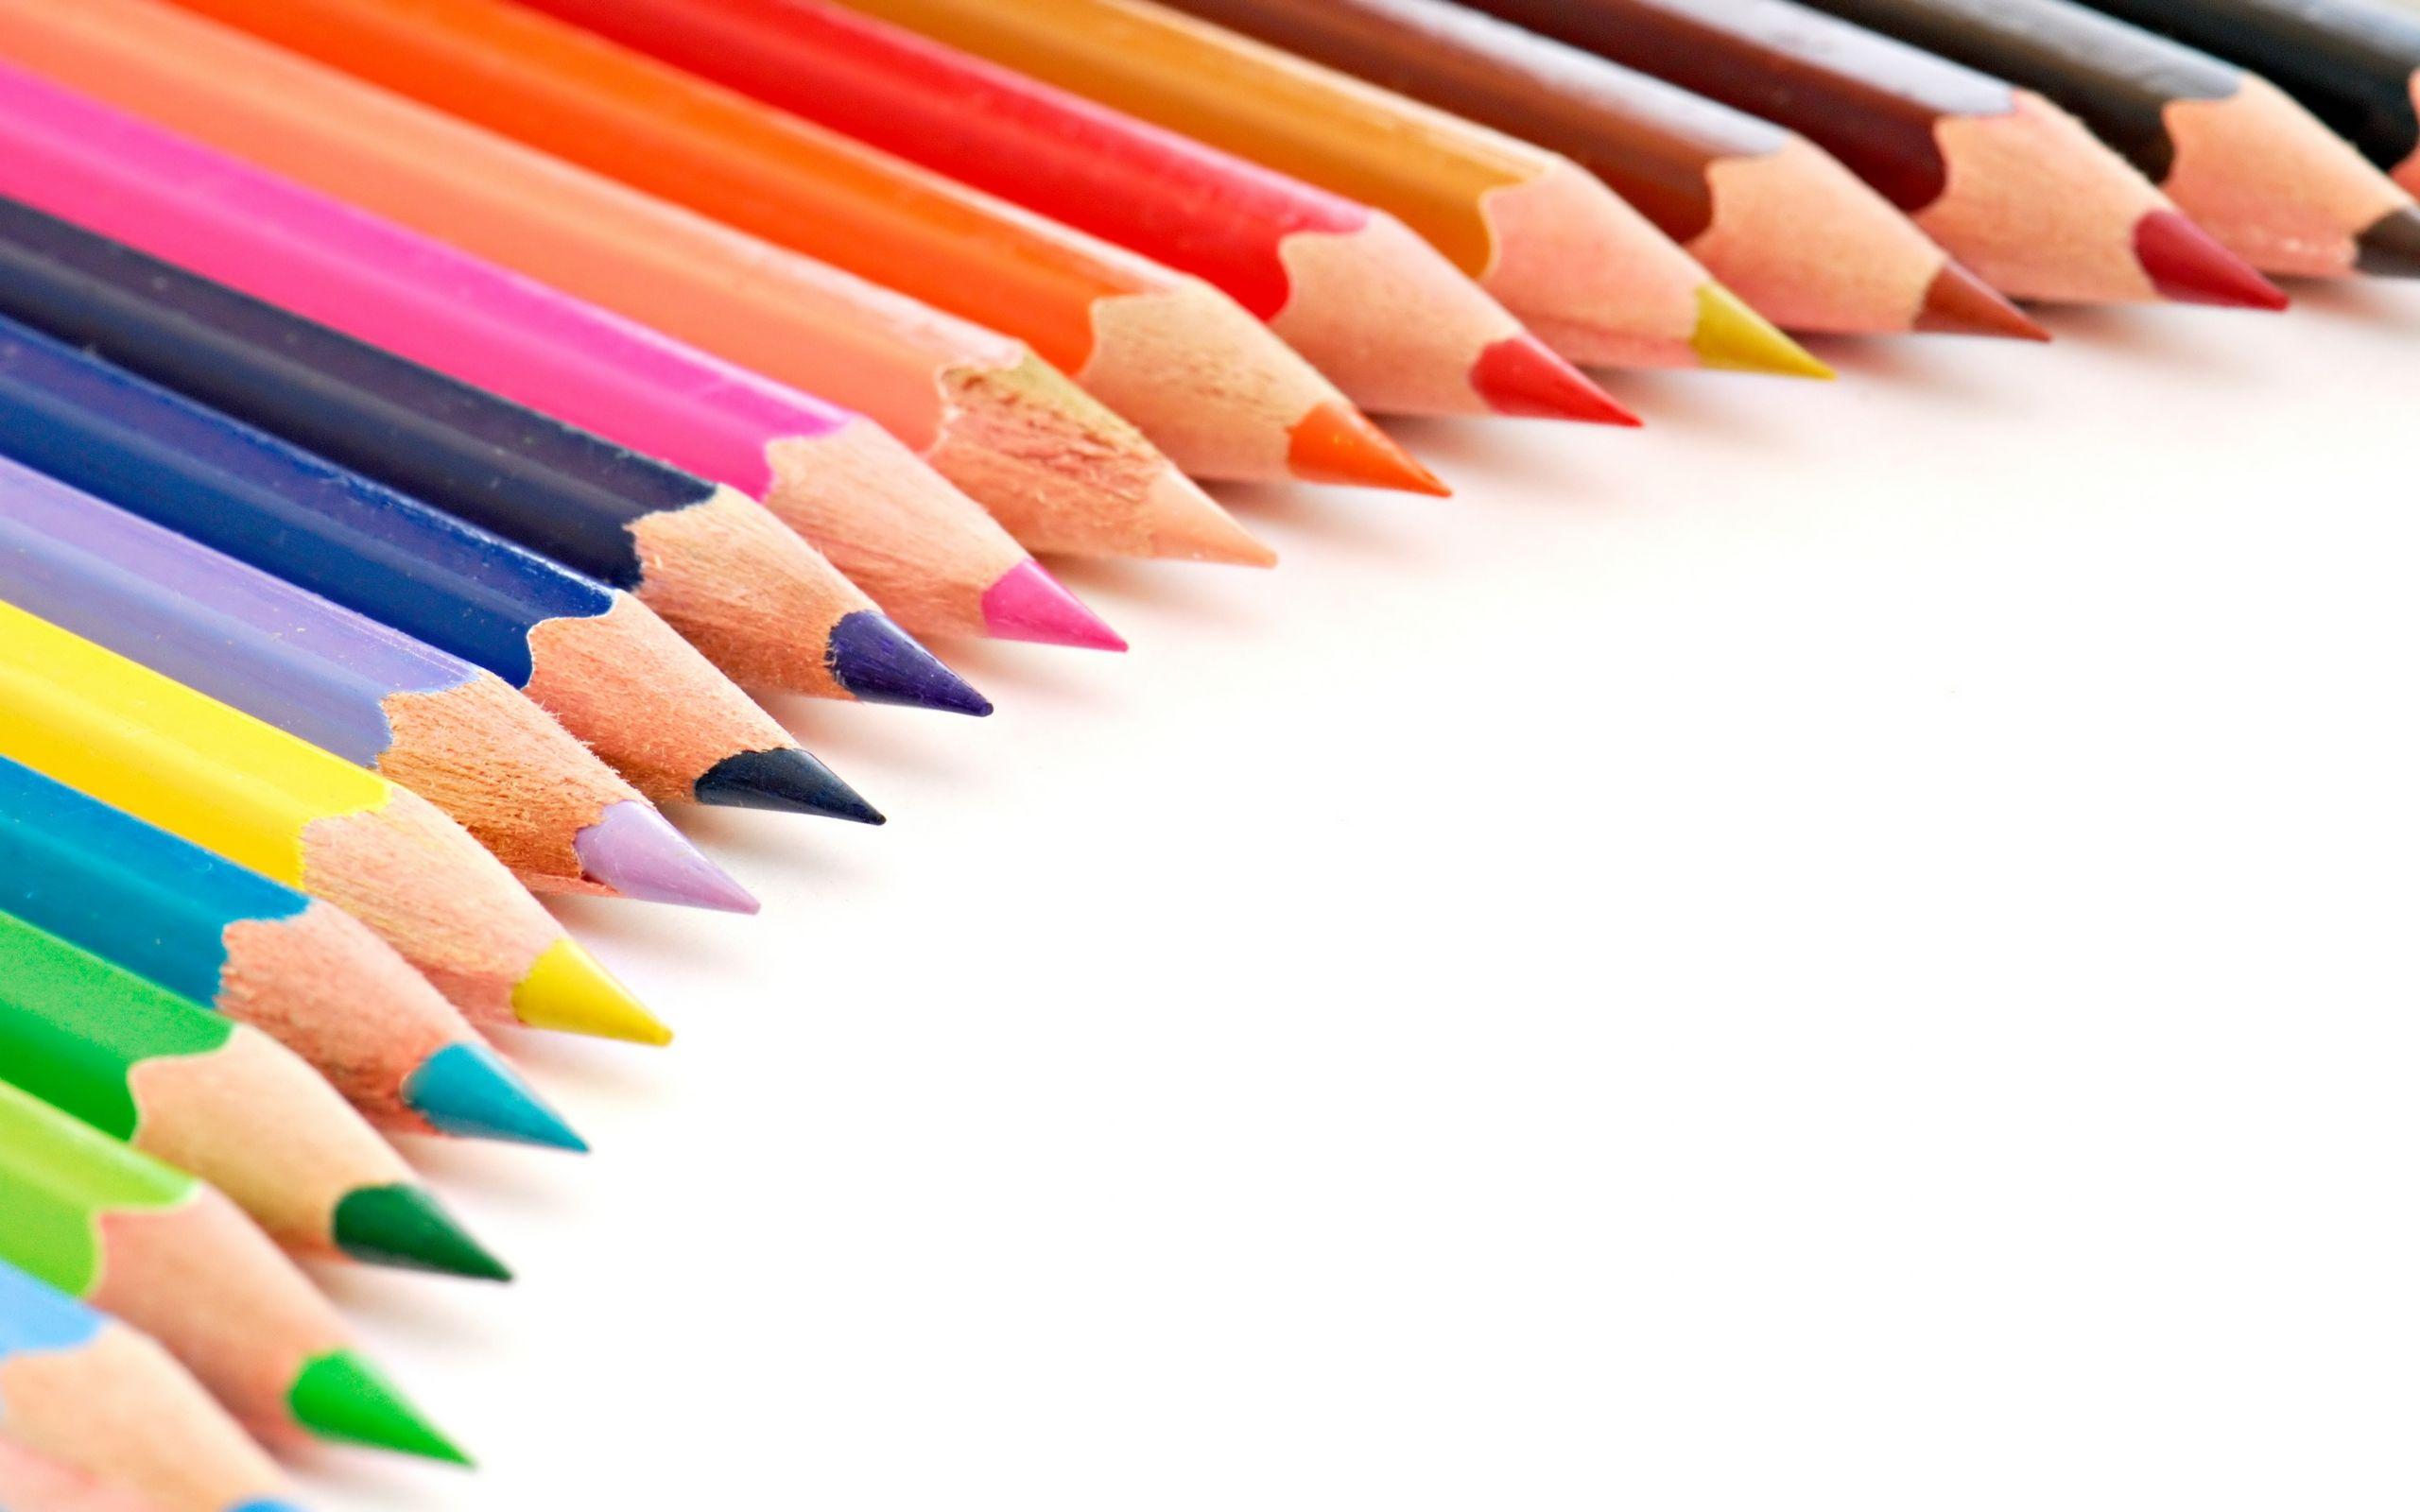 Pencils Wallpaper Colored Pencils Pencil Design Color Pencil Art Colored Pencils